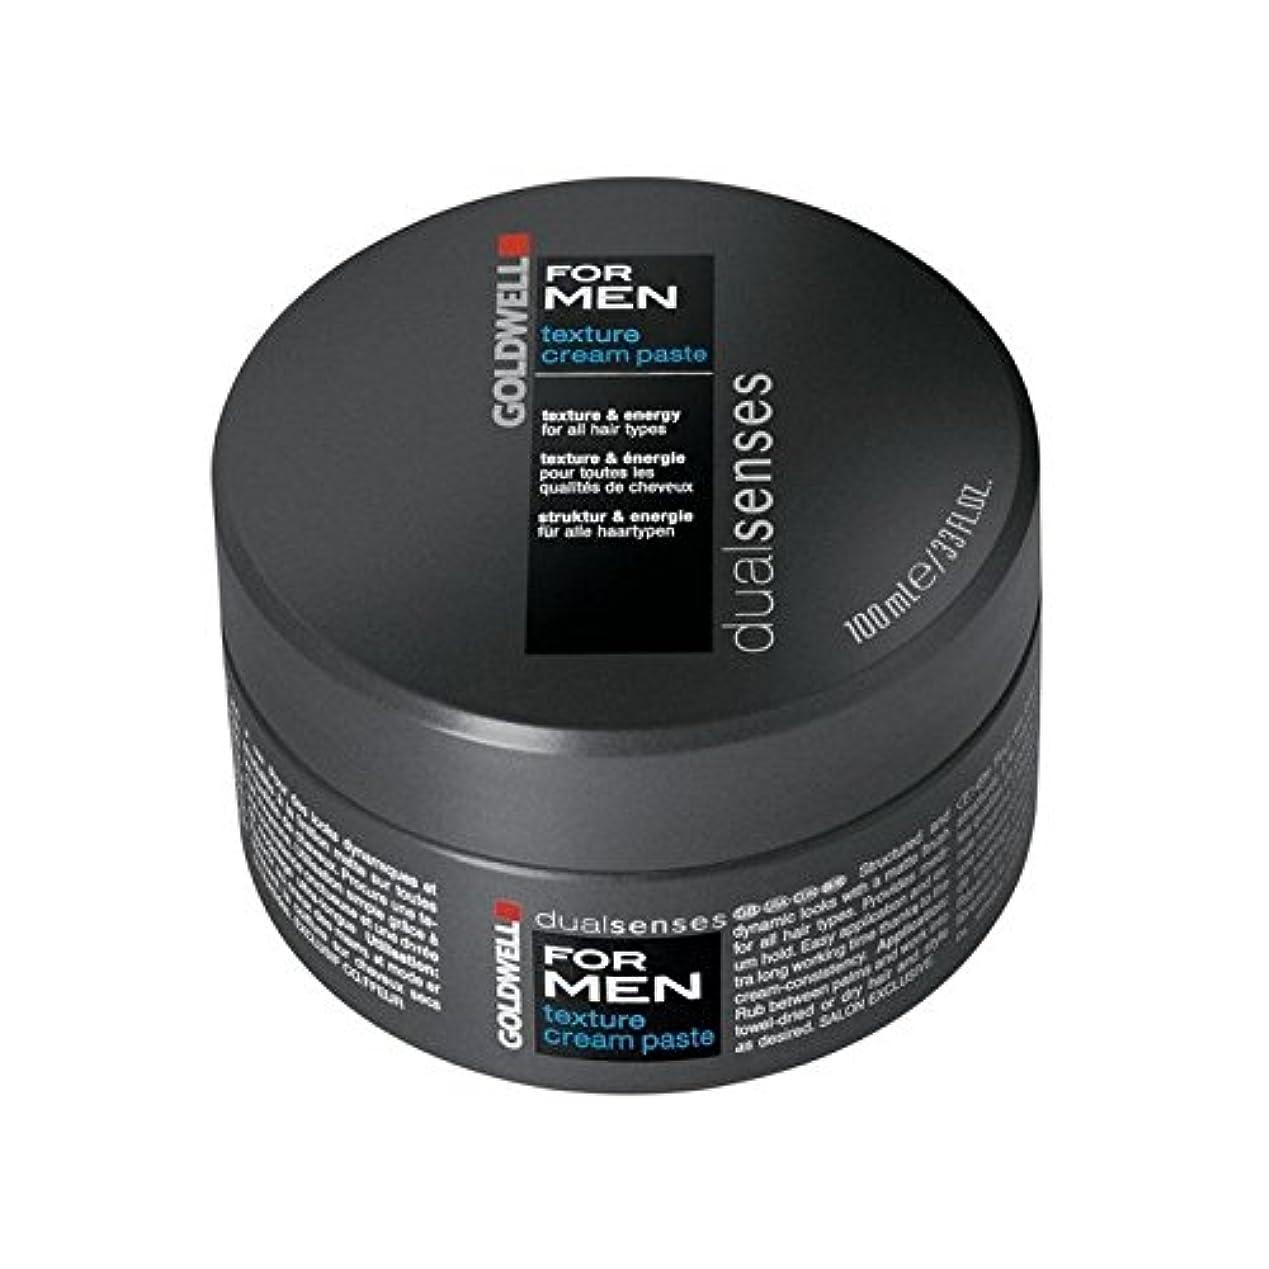 判決コイル差し迫った男性のテクスチャーのクリームペースト(100ミリリットル)のためのの x4 - Goldwell Dualsenses For Men Texture Cream Paste (100ml) (Pack of 4) [並行輸入品]